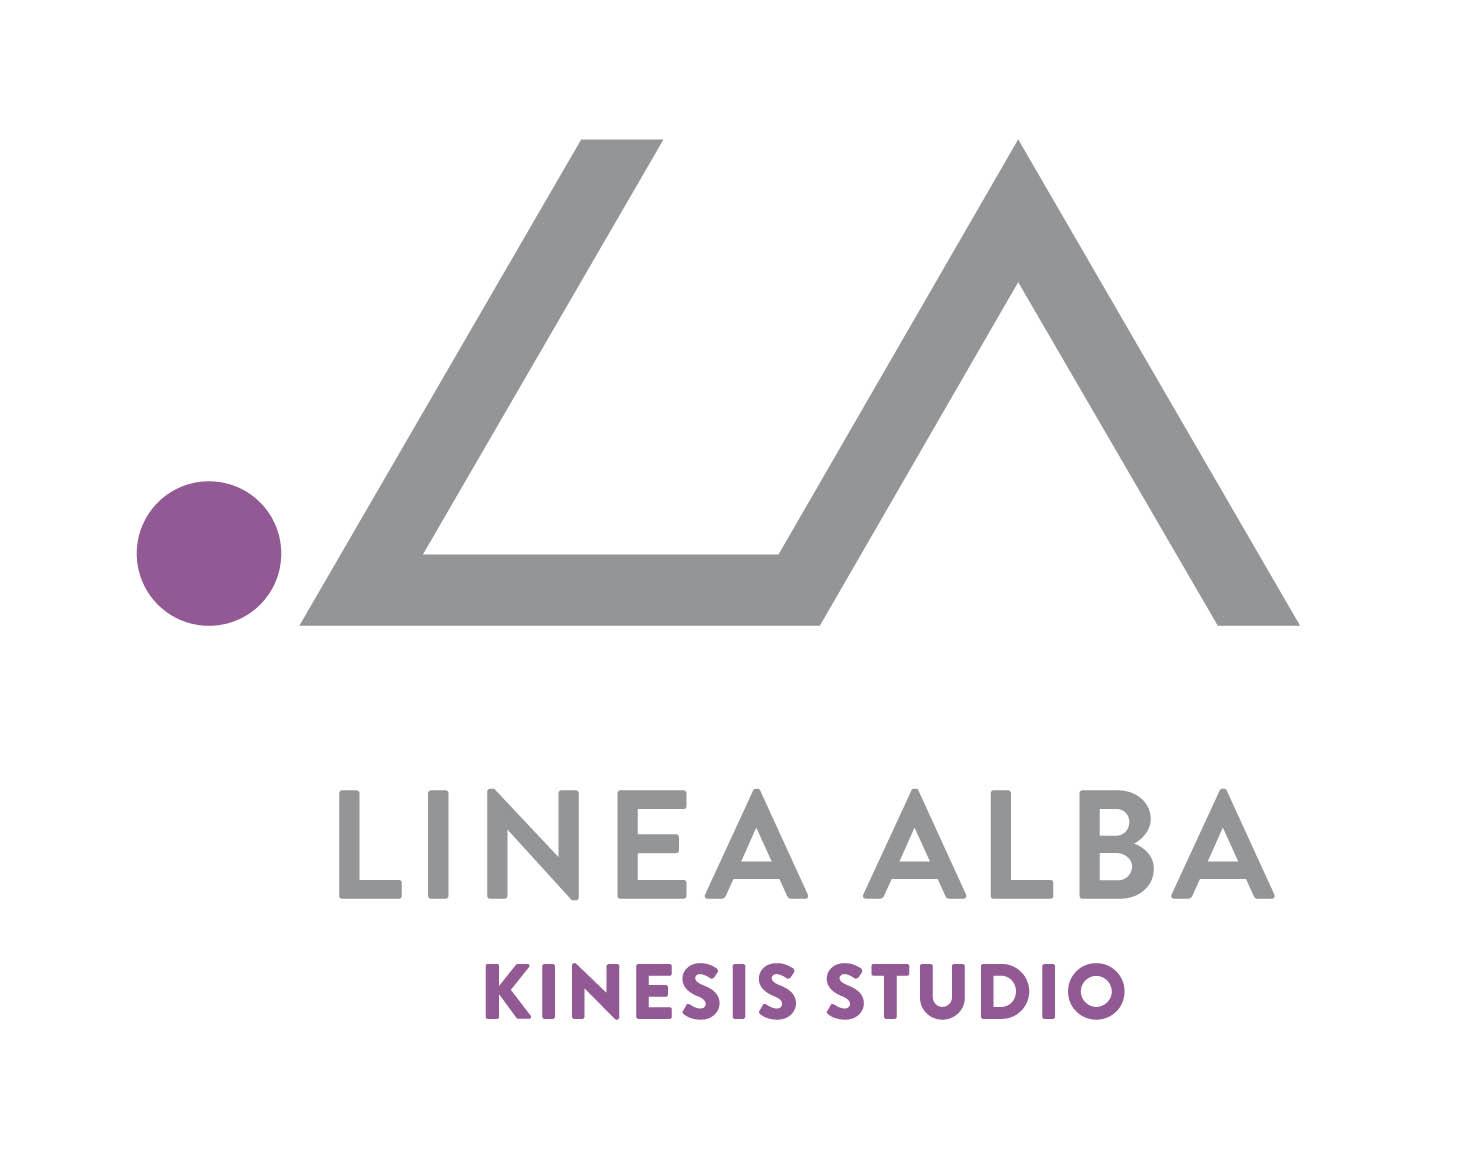 KINESIS STUDIO LINEA ALBA